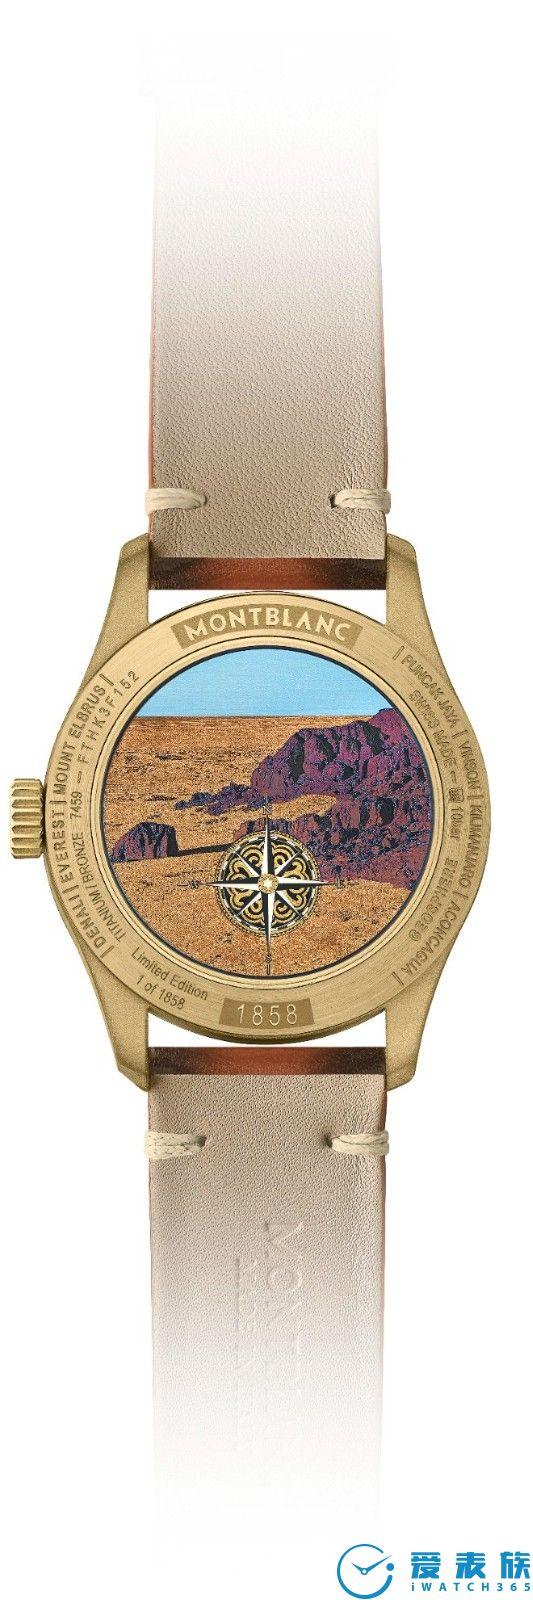 全新万宝龙1858系列南北半球世界时腕表:邂逅沙漠